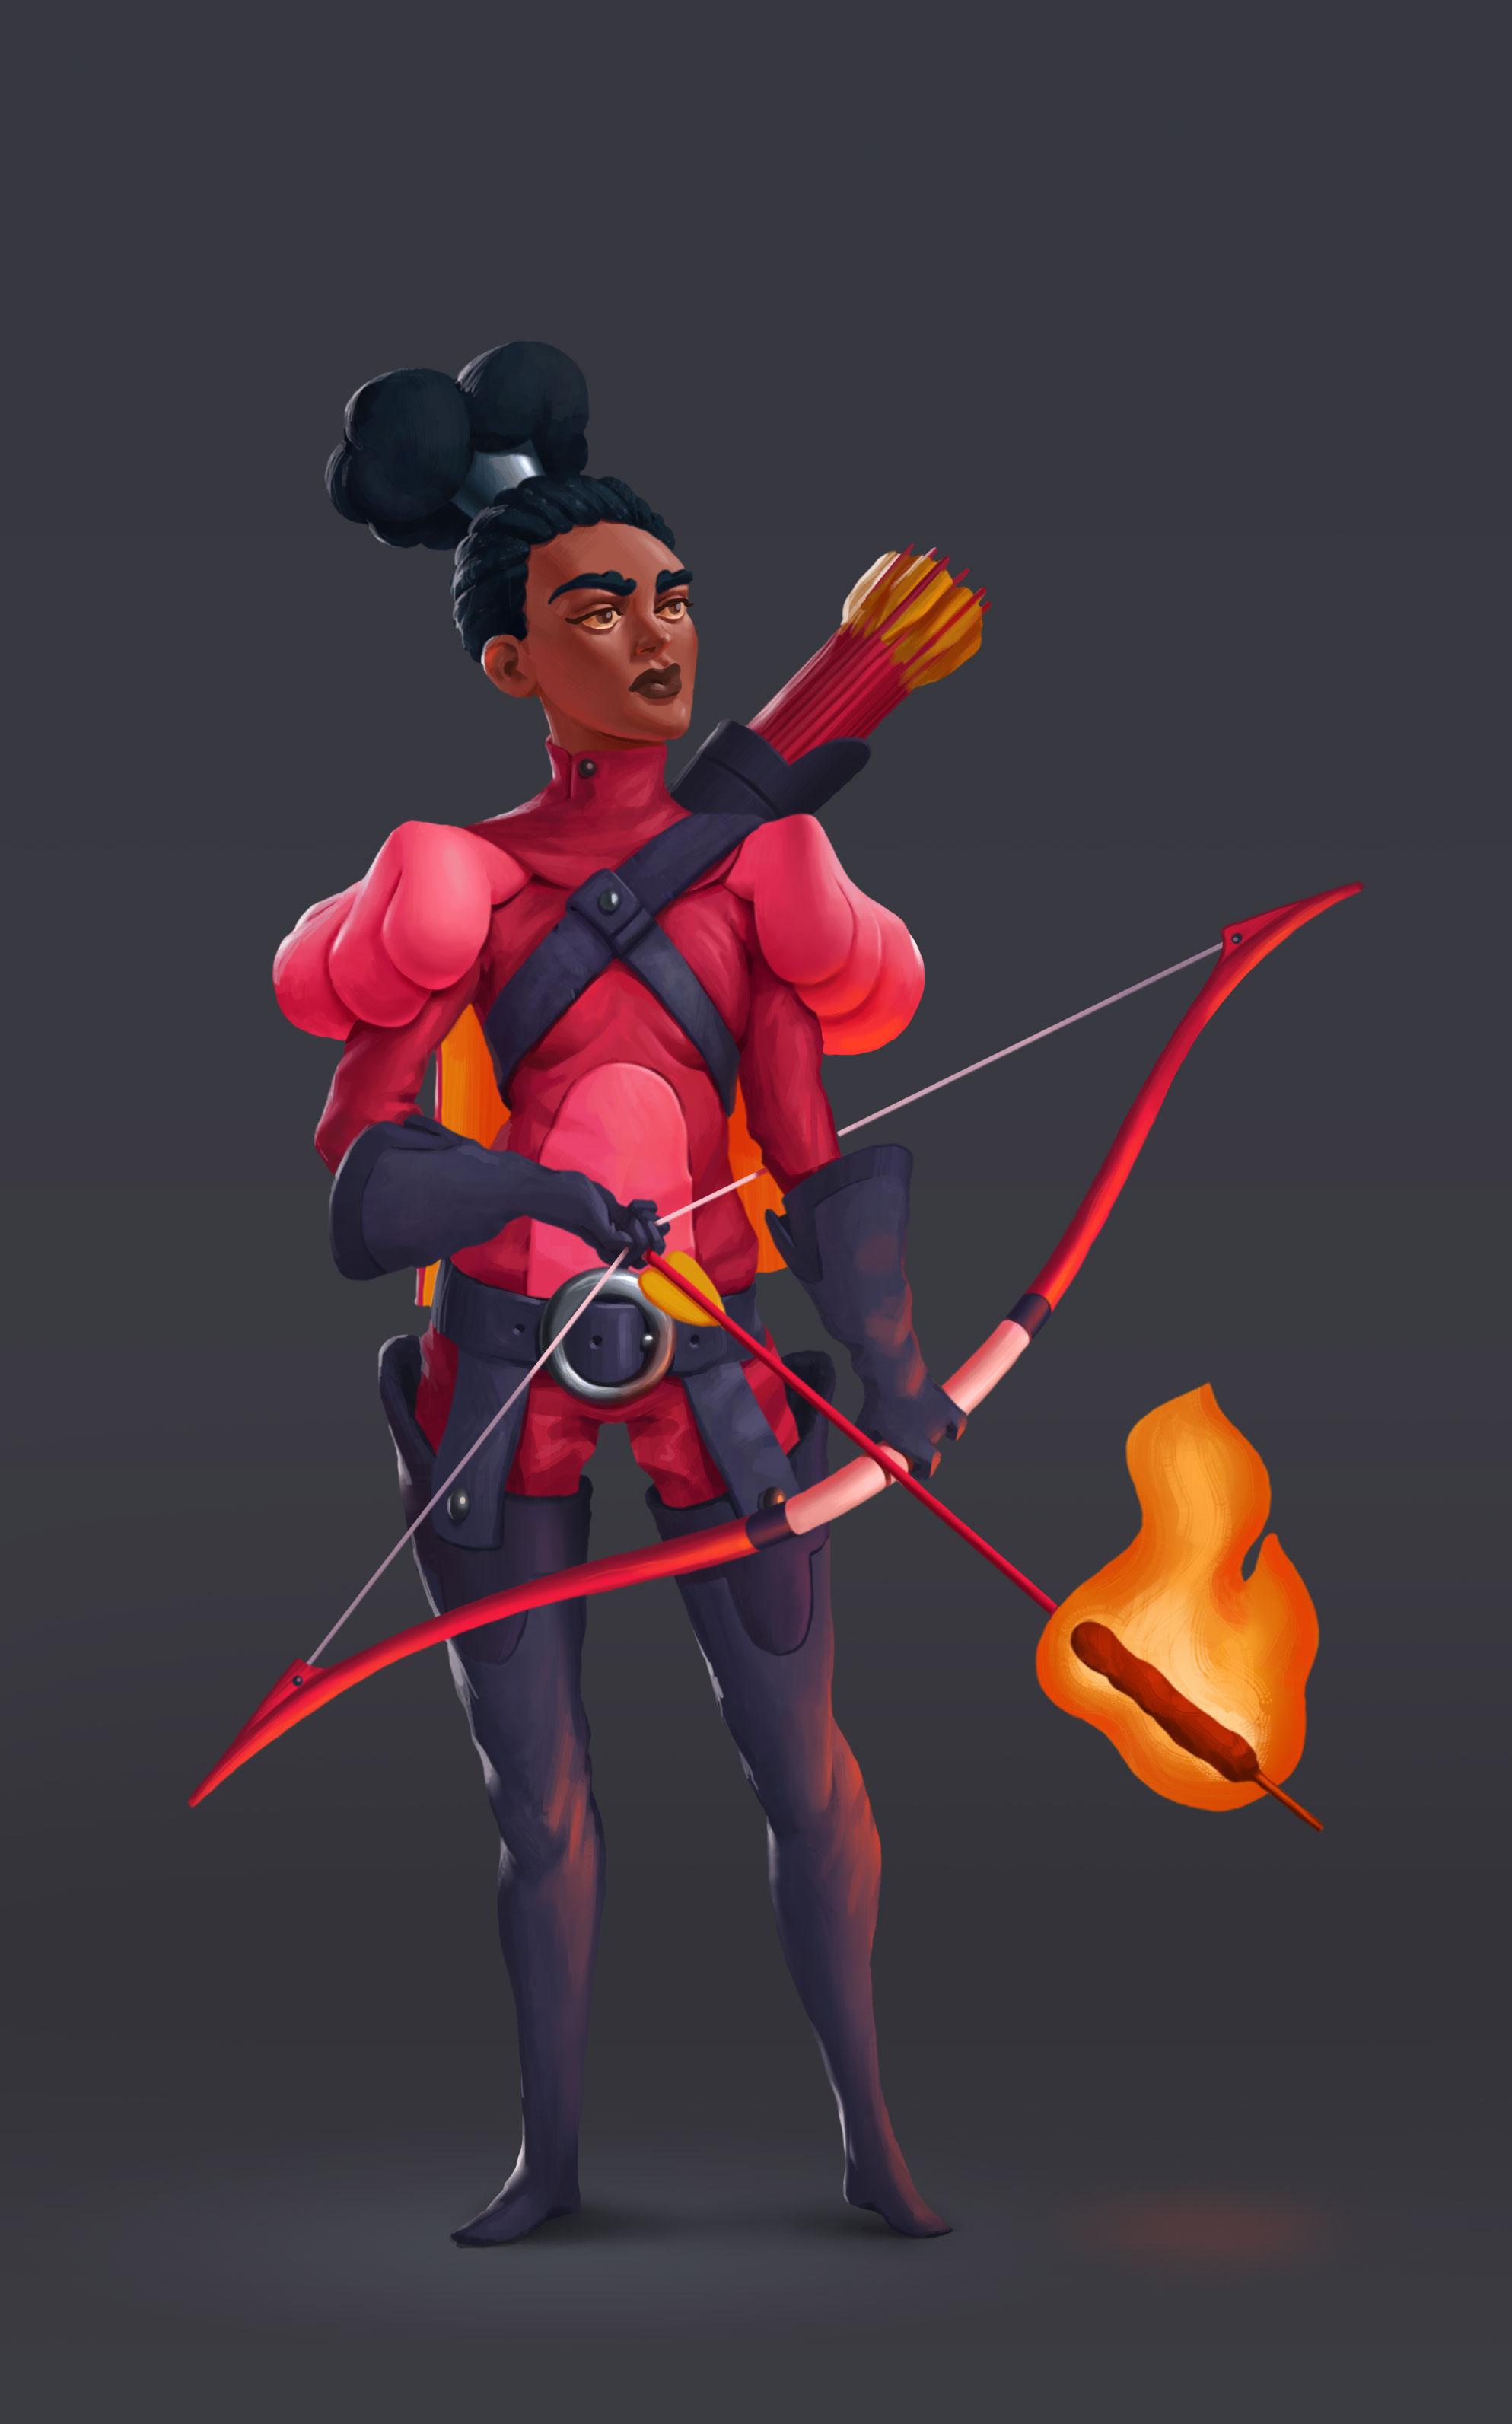 rose_archer_final.jpg